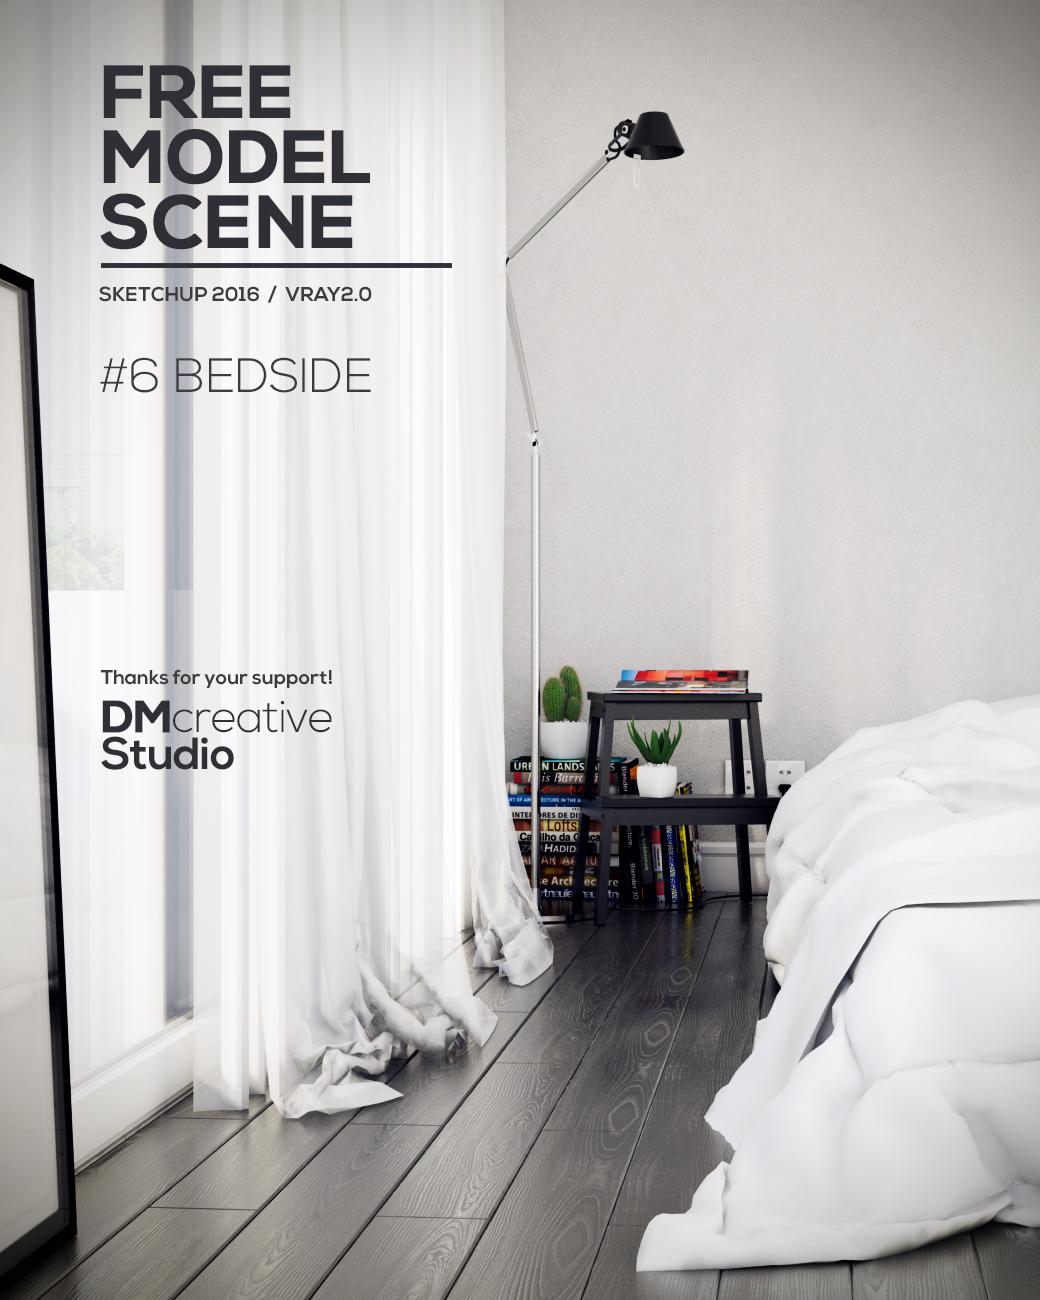 6 FREE MODEL SCENE BEDSIDE on Behance